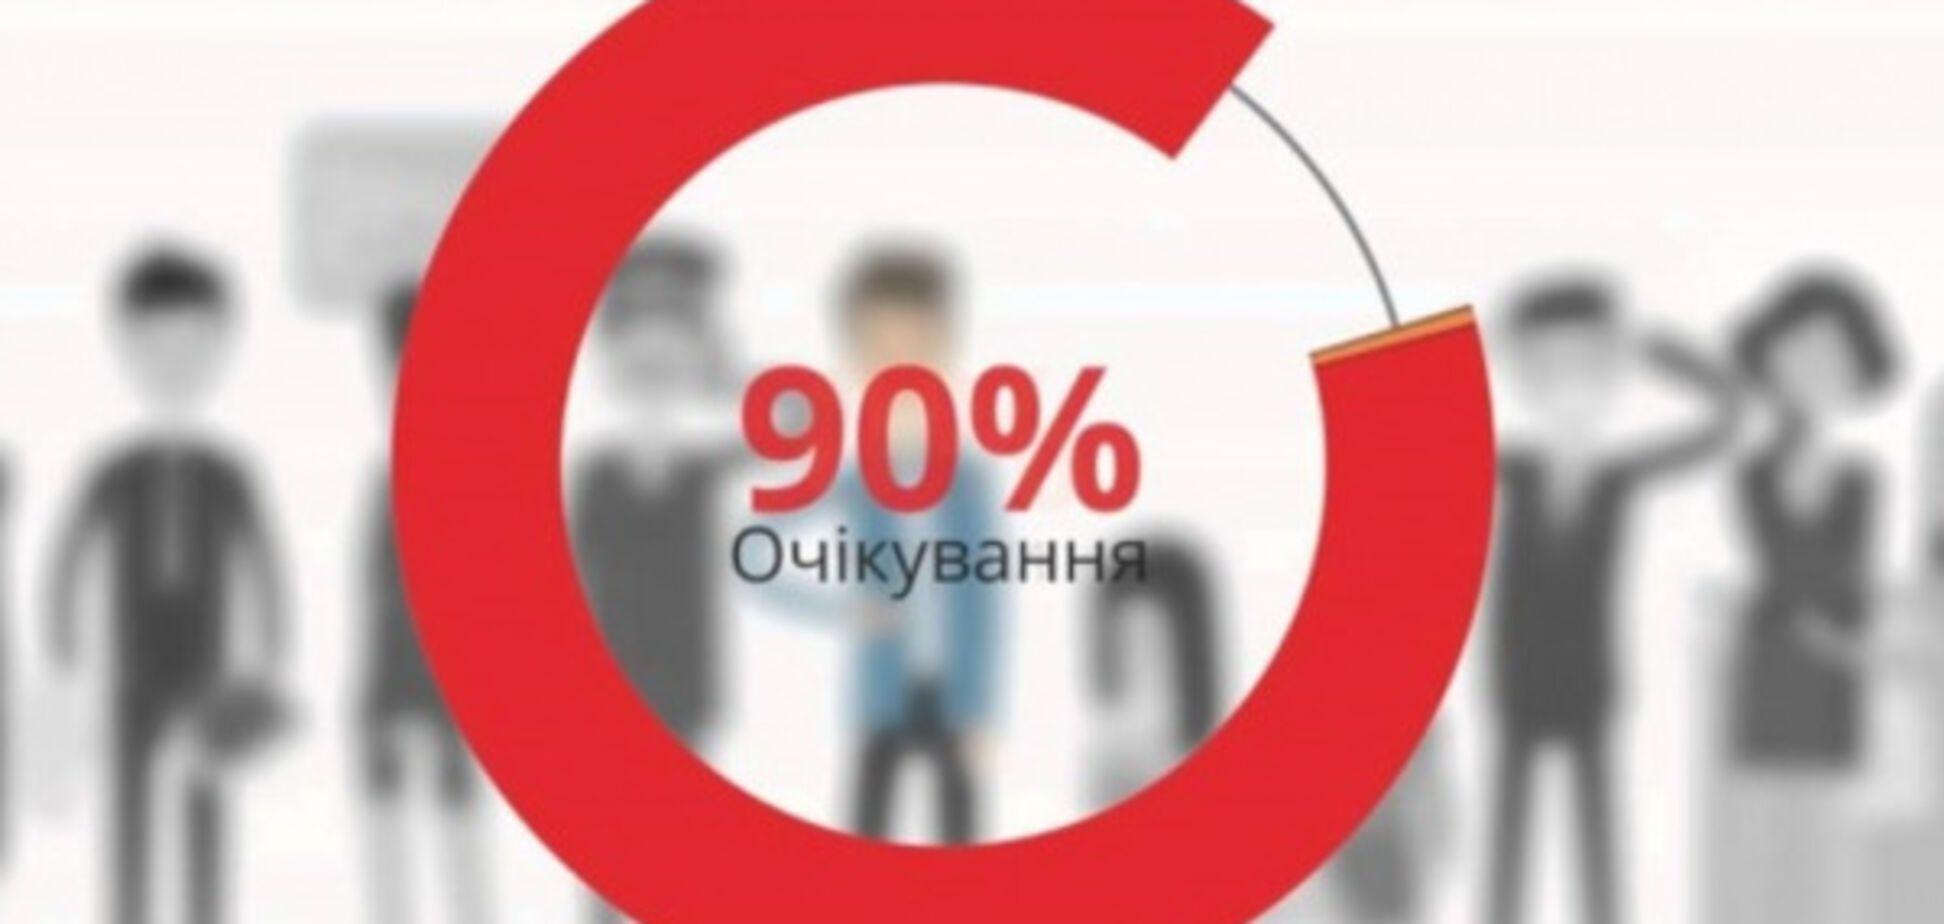 'Скрипучие' реформы: чего не хватает властям для рывка Украины